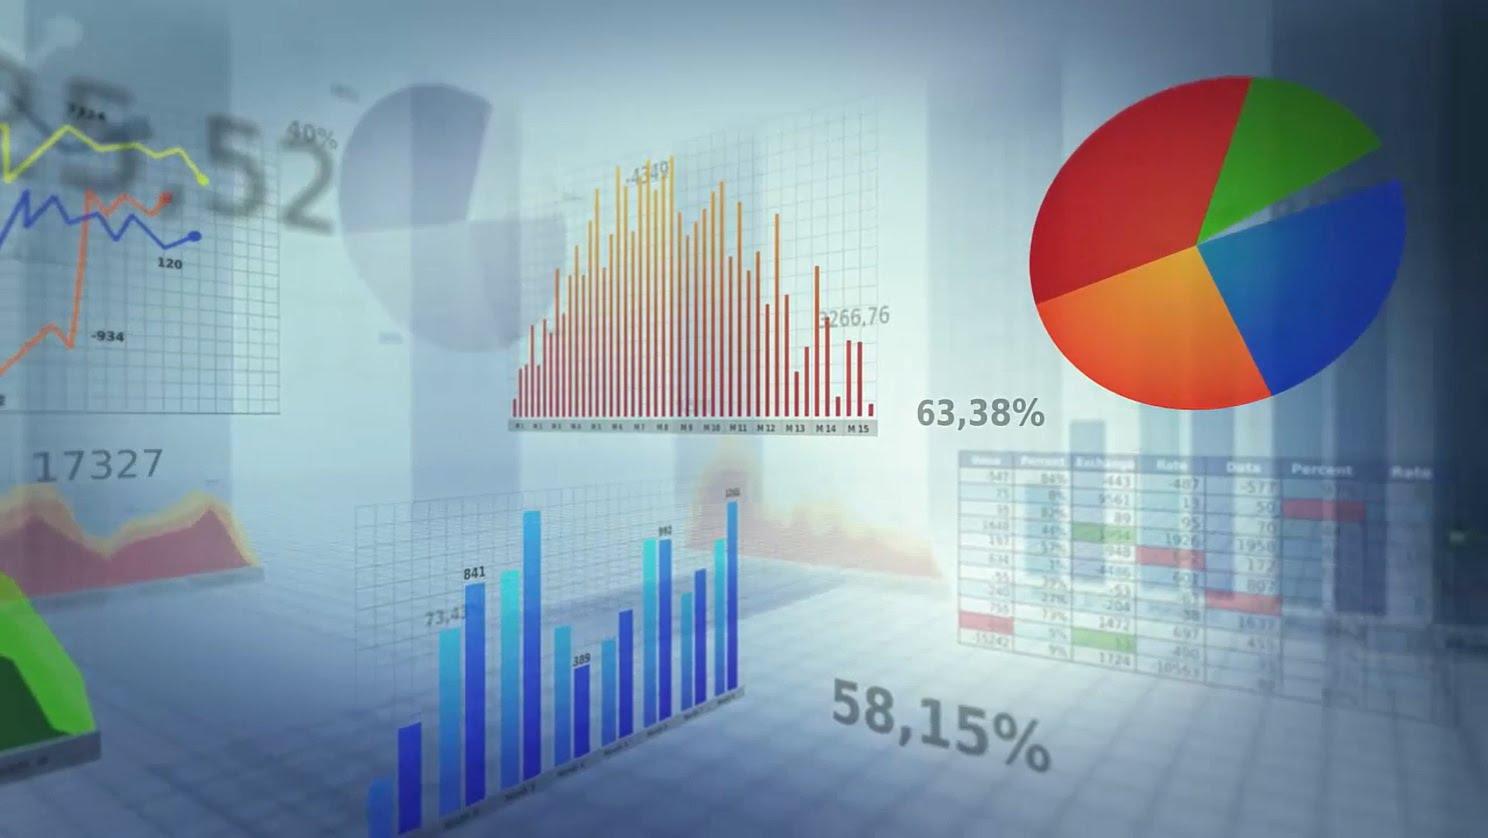 Консалтинг в области анализа данных